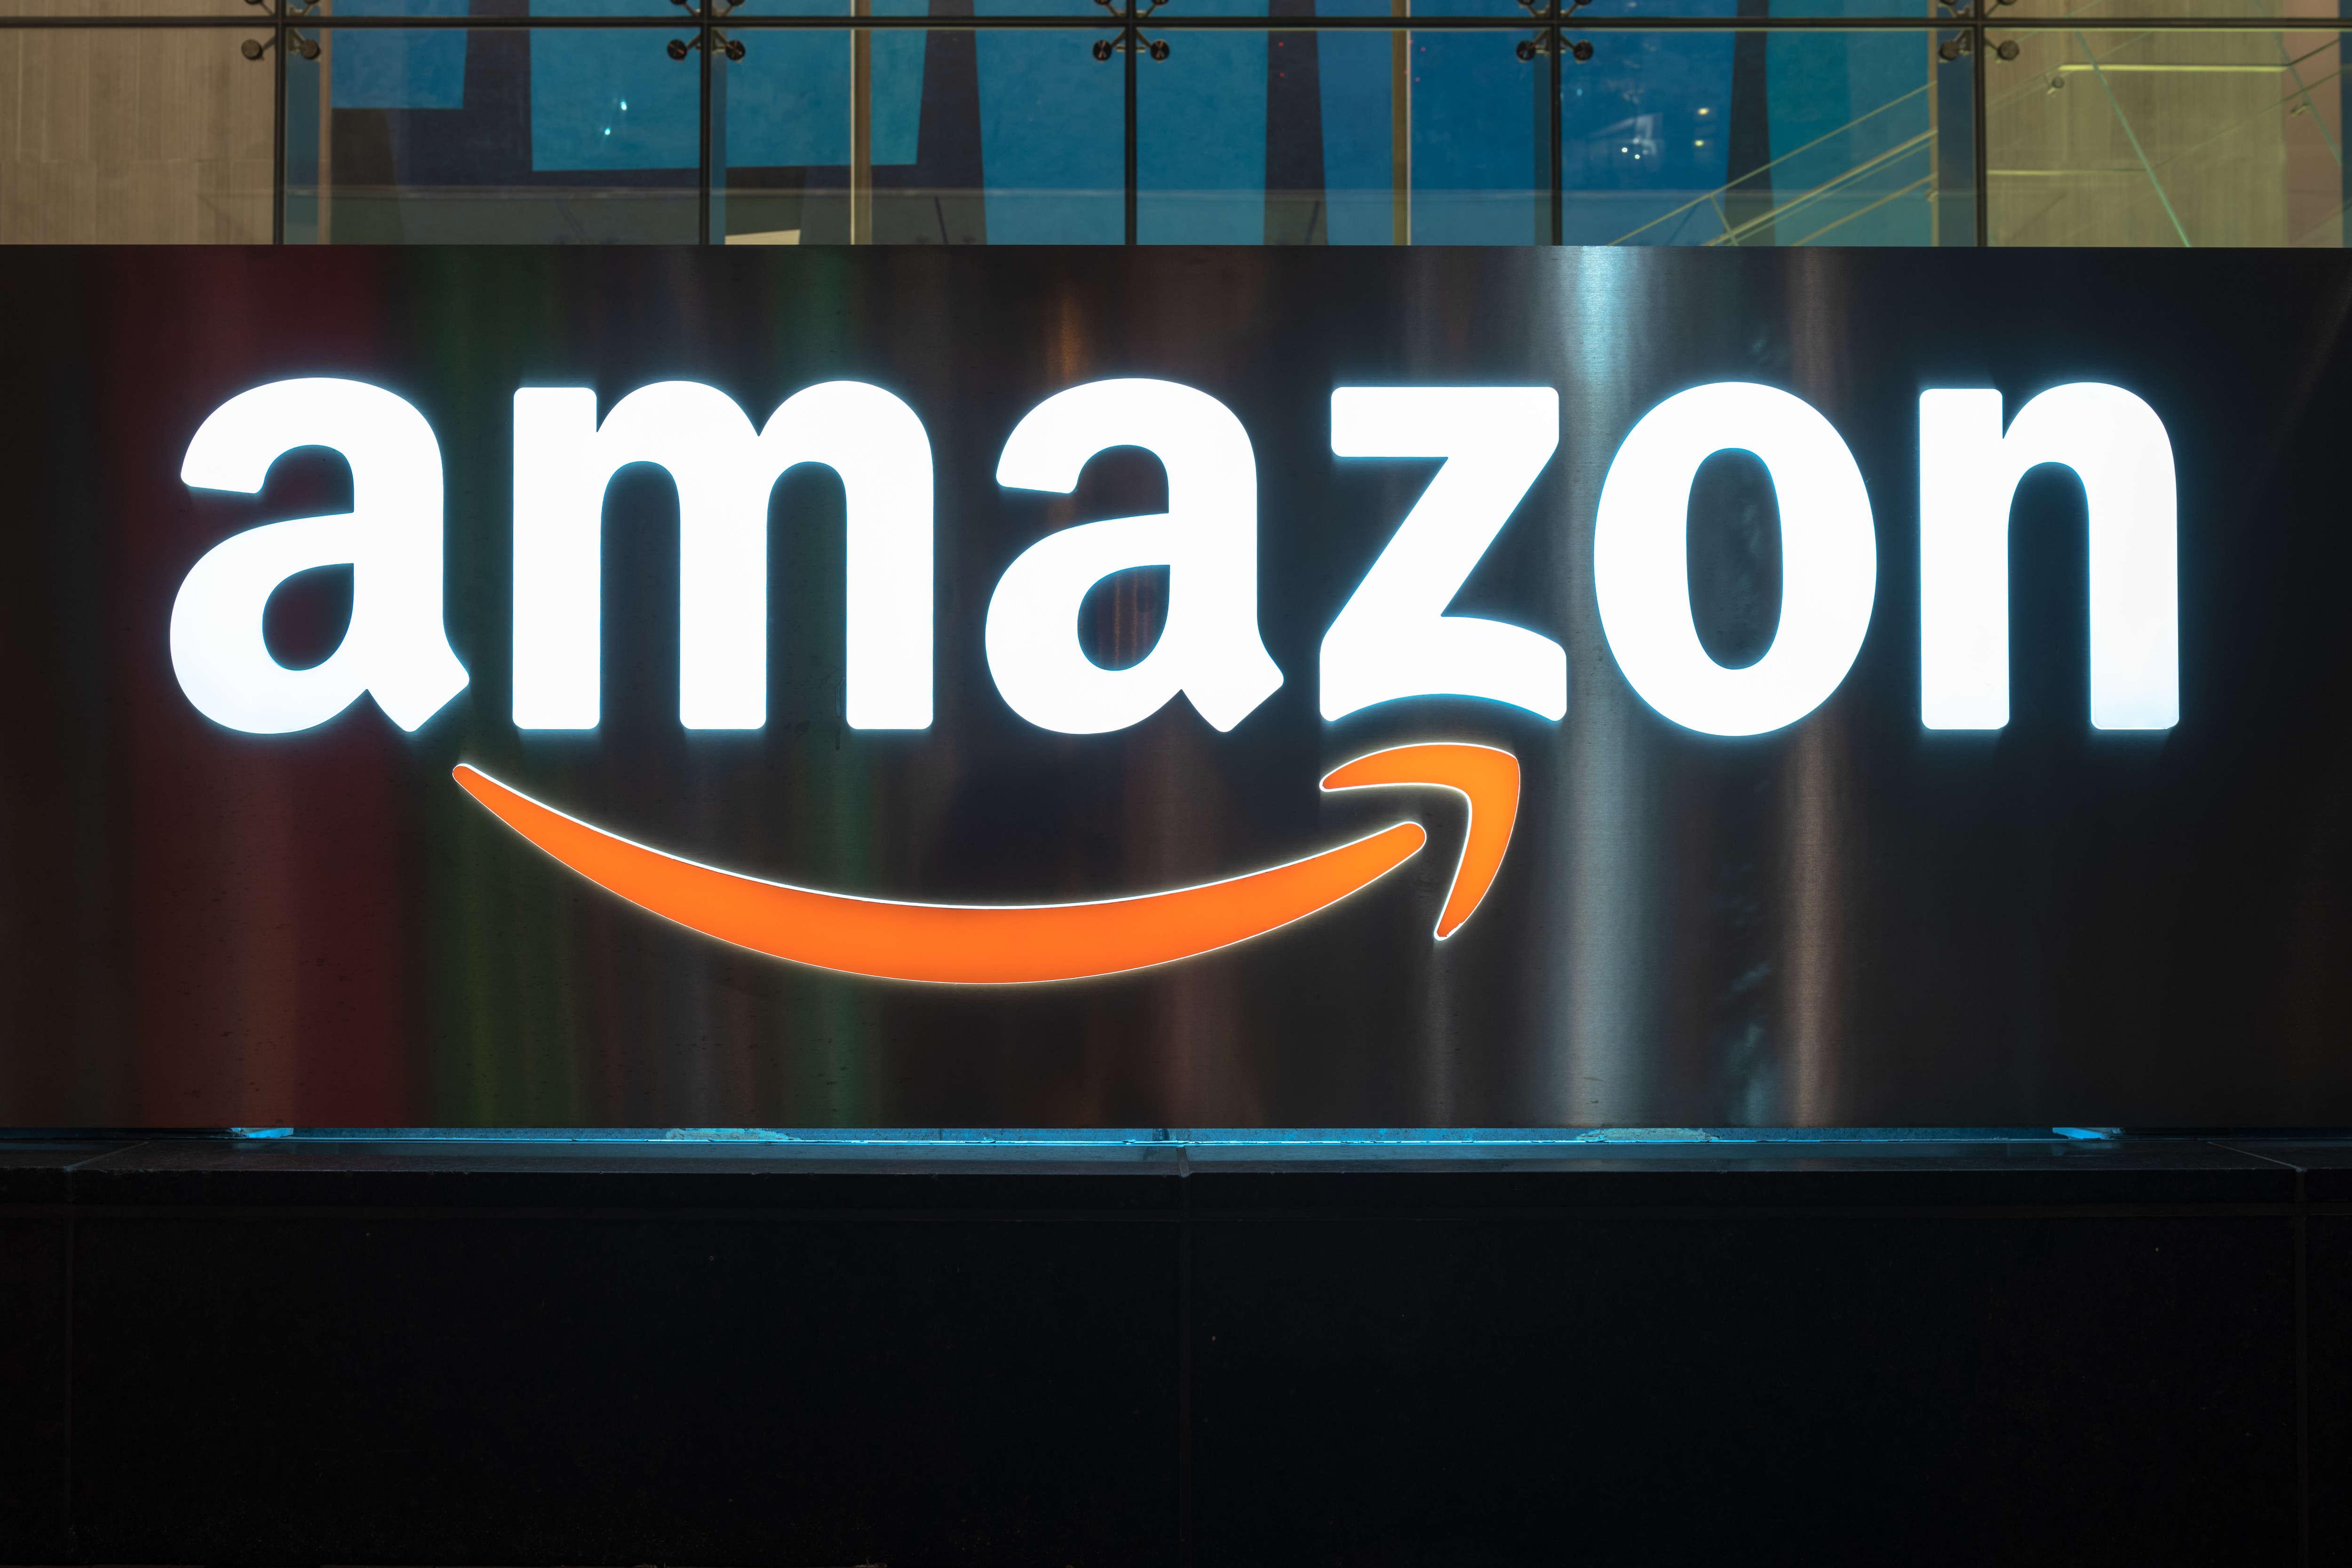 The Amazon logo is illuminated at night in Toronto.